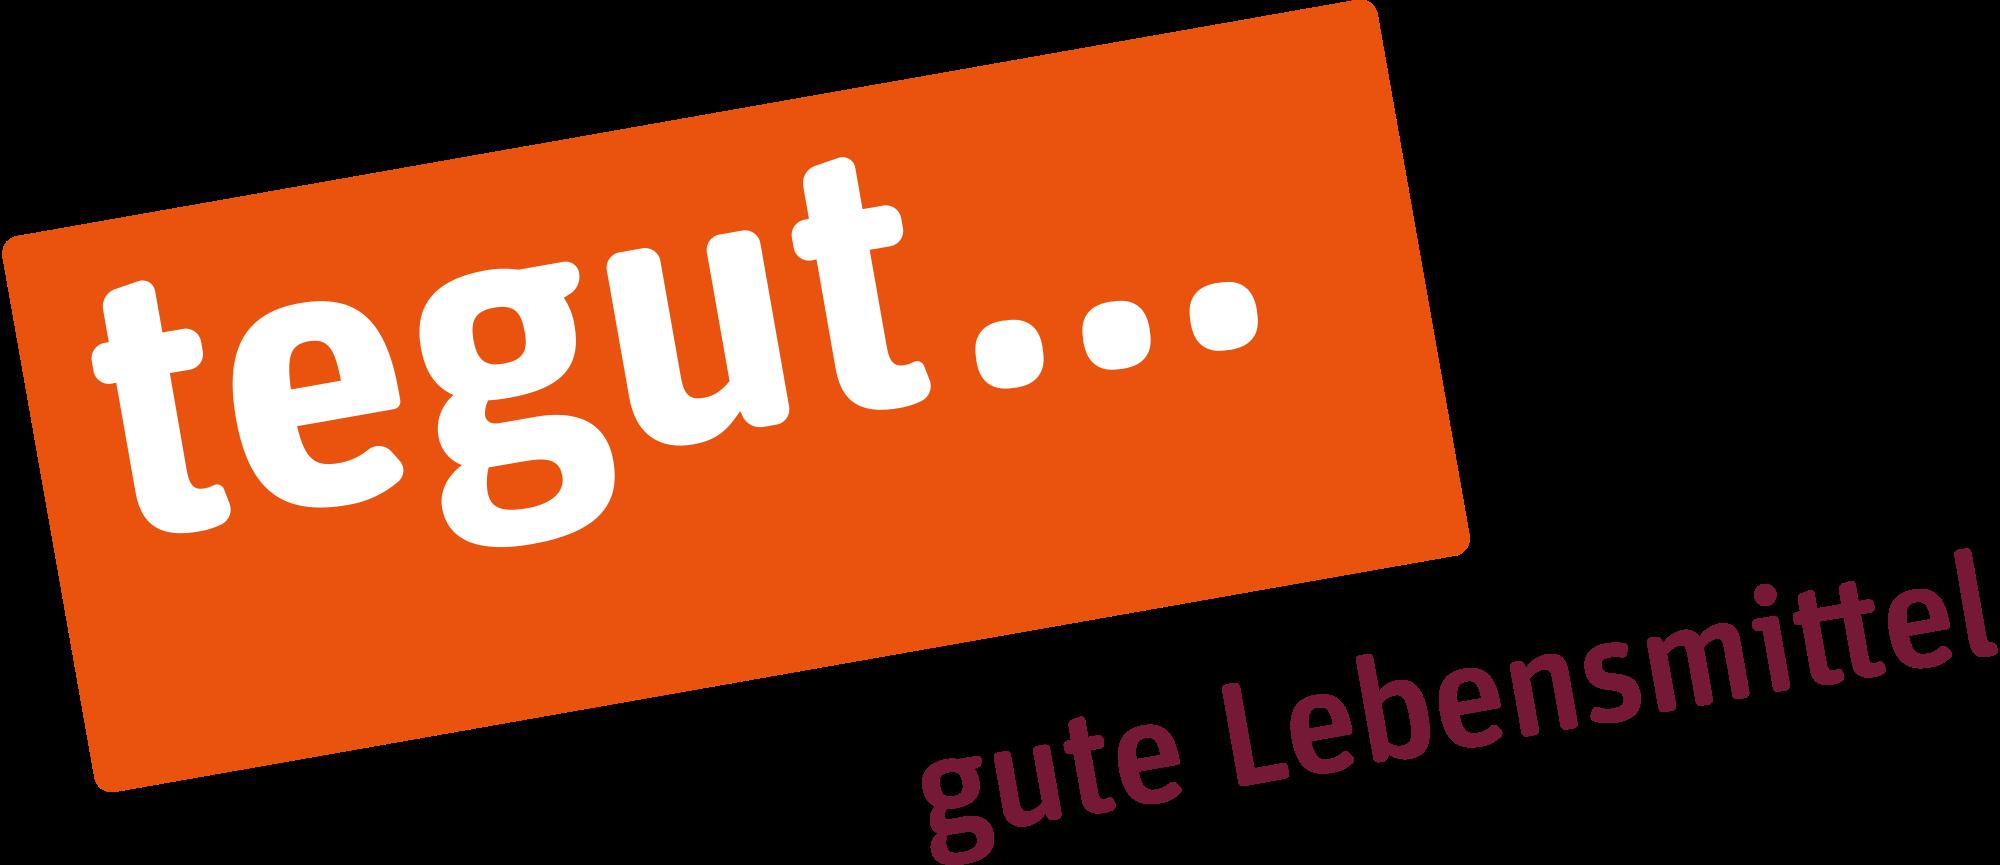 tegut_logo